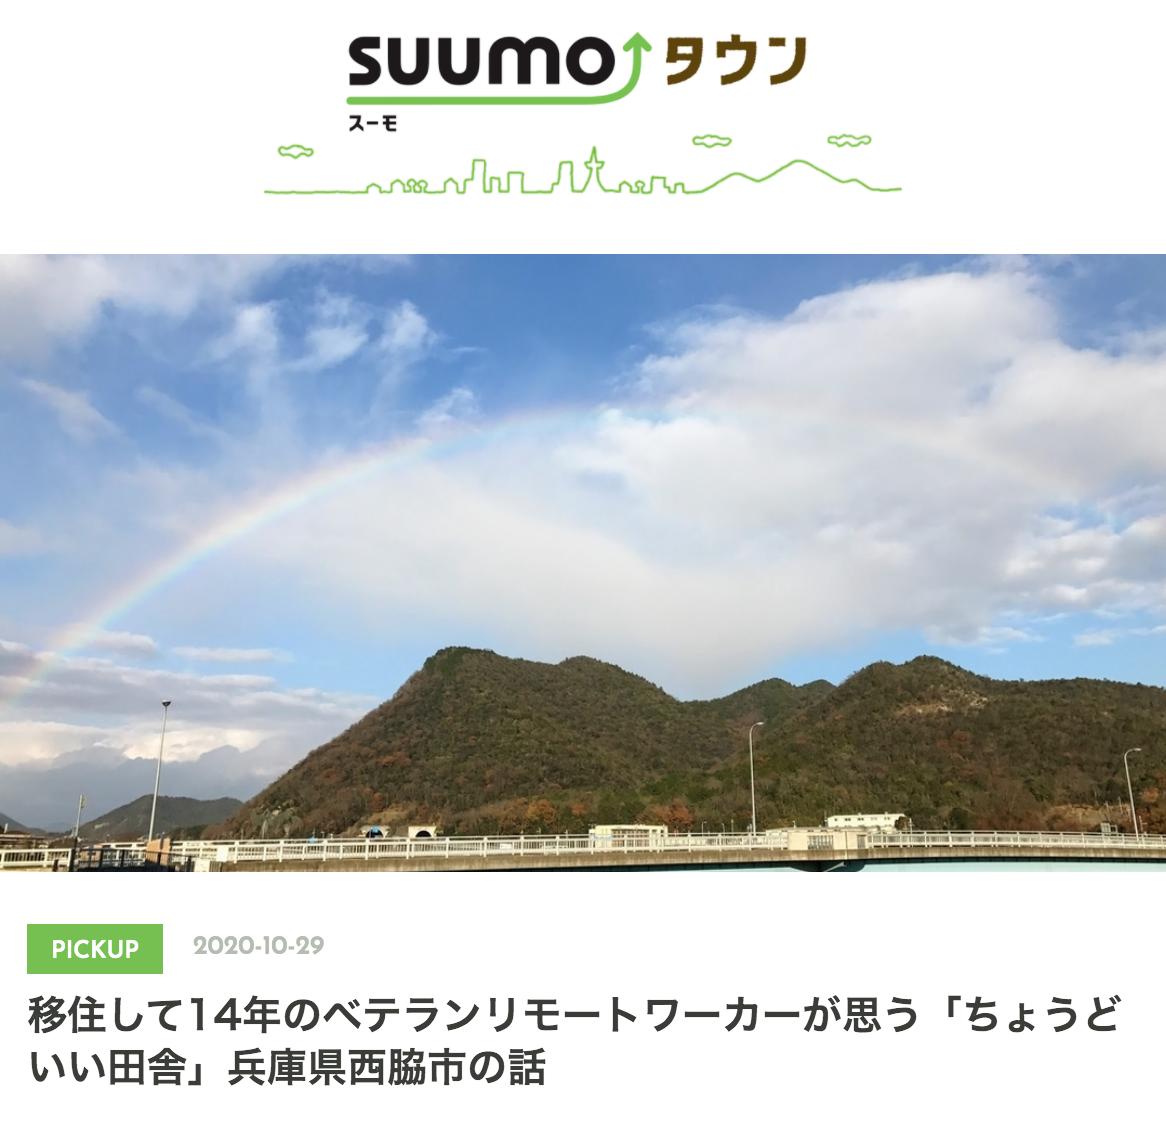 f:id:JunichiIto:20201029110415p:plain